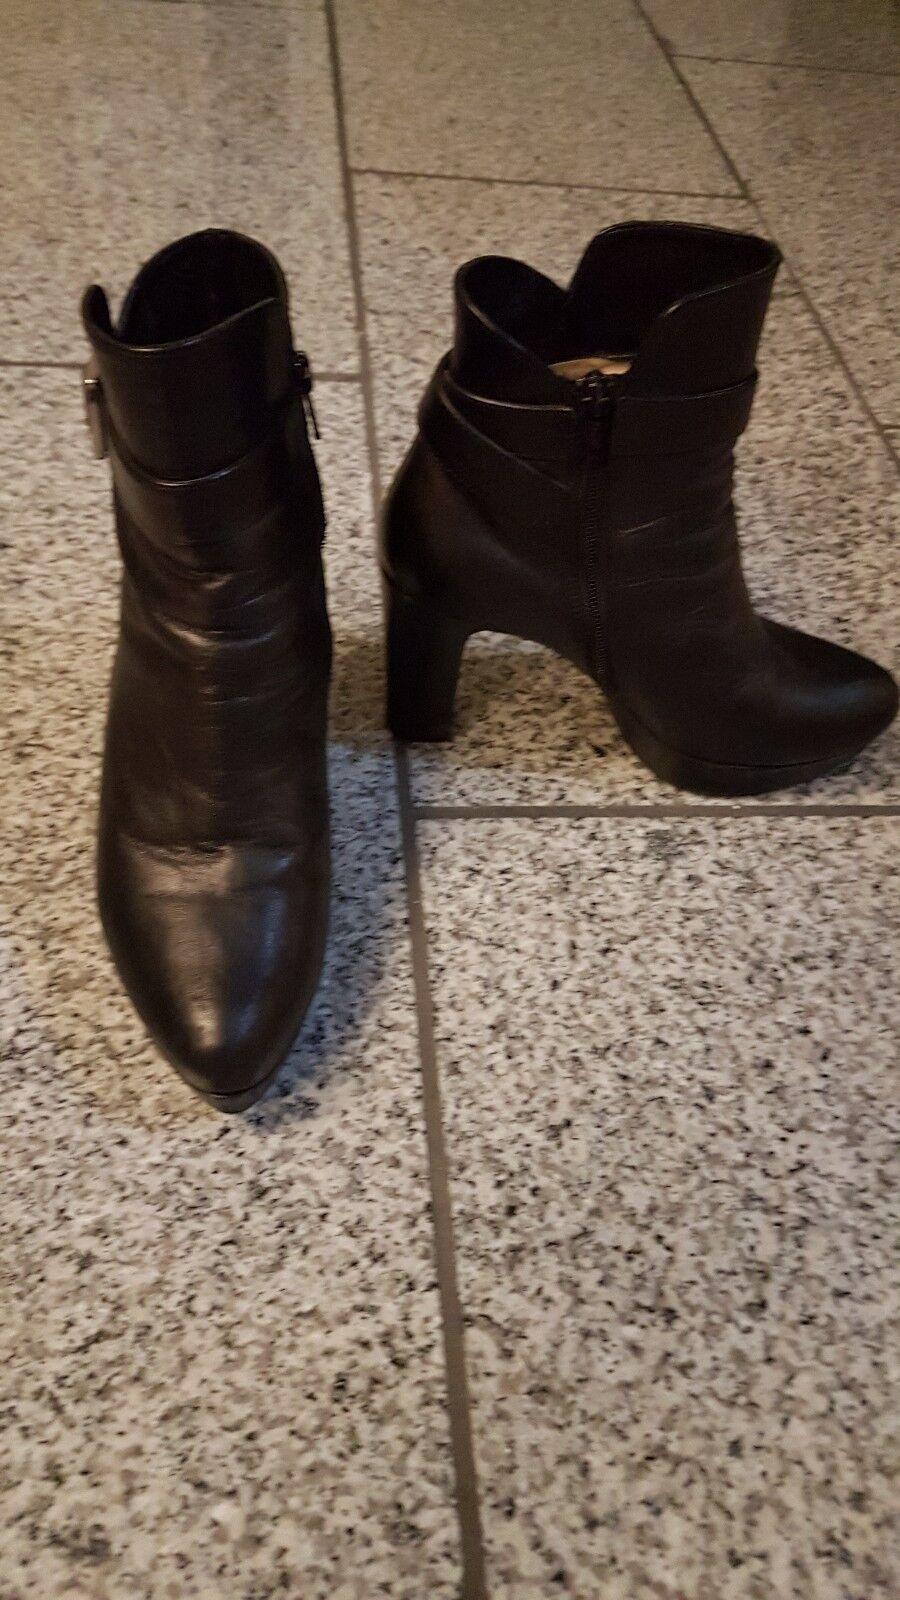 Damenstiefel 37 In Schwarz von  Unisa in echte Leder sehr elegant